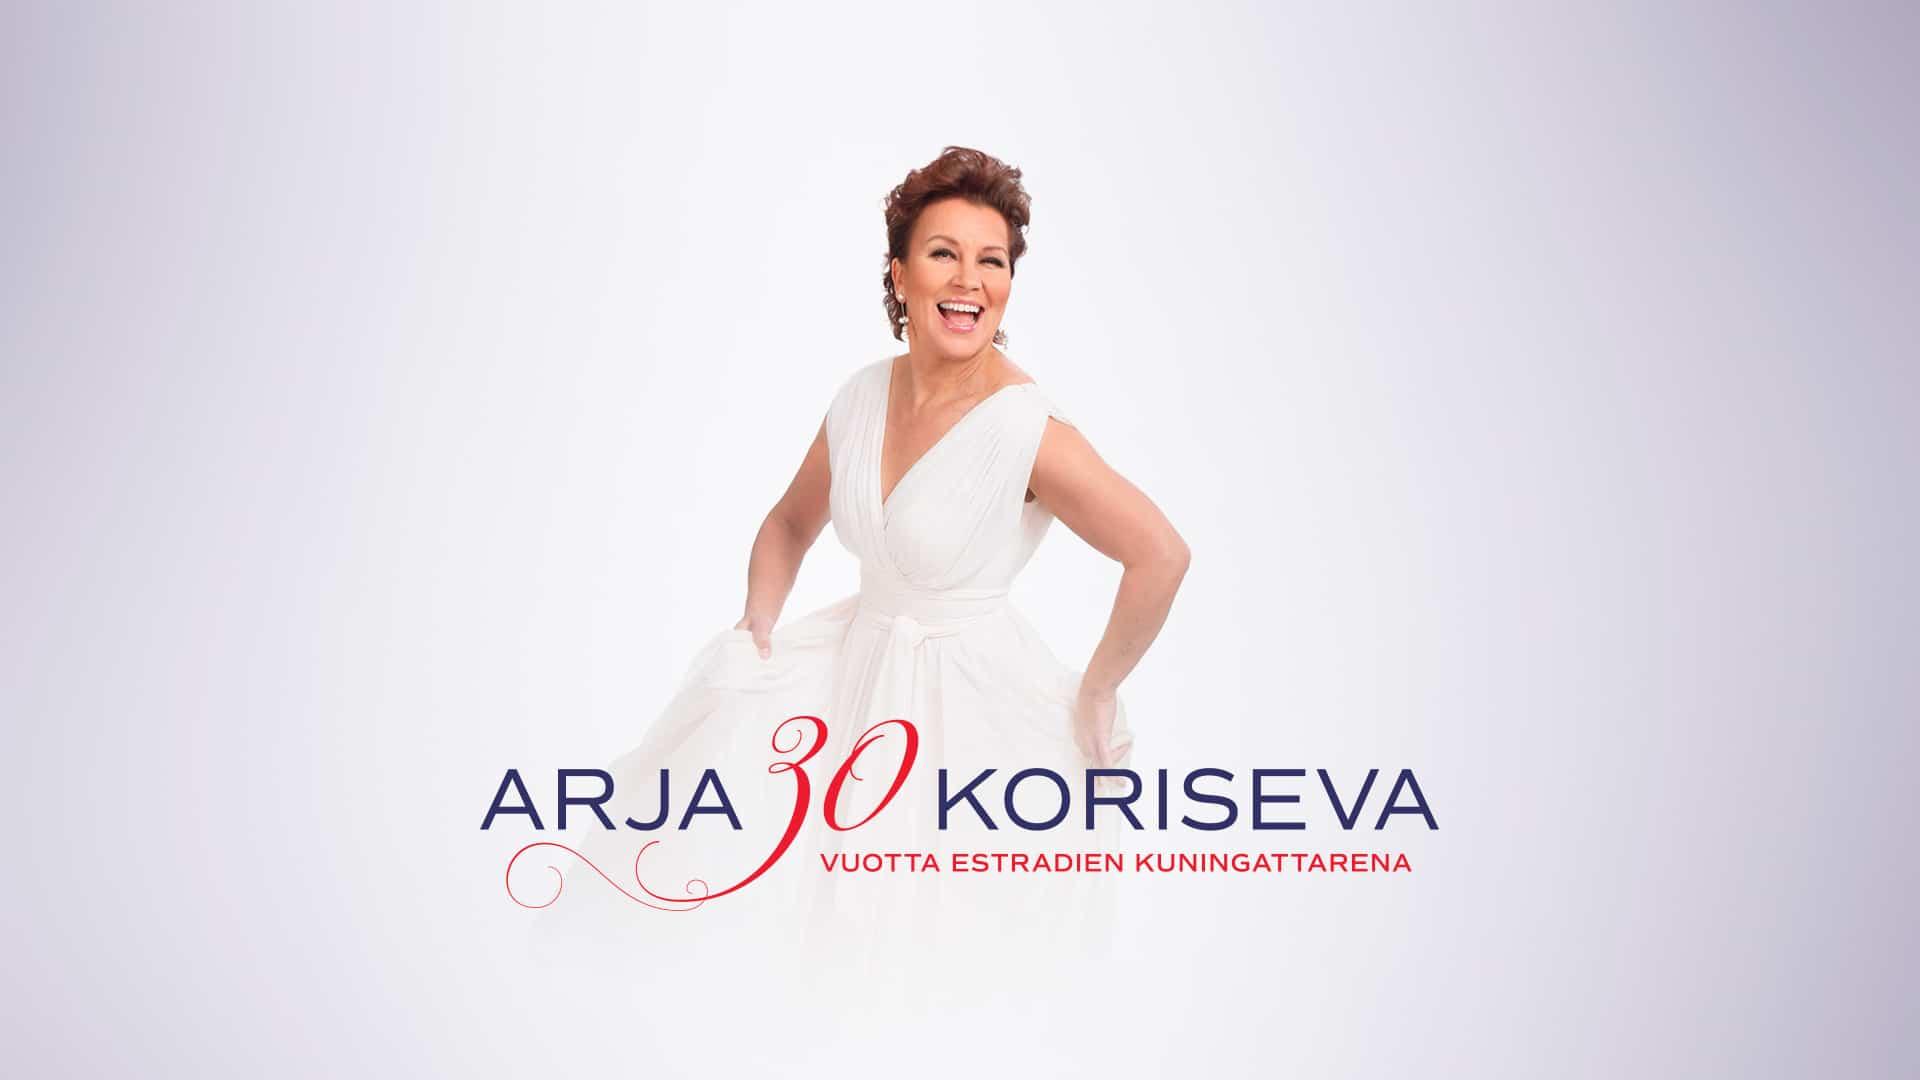 Arja Koriseva 30 vuotta estradien kuningattarena